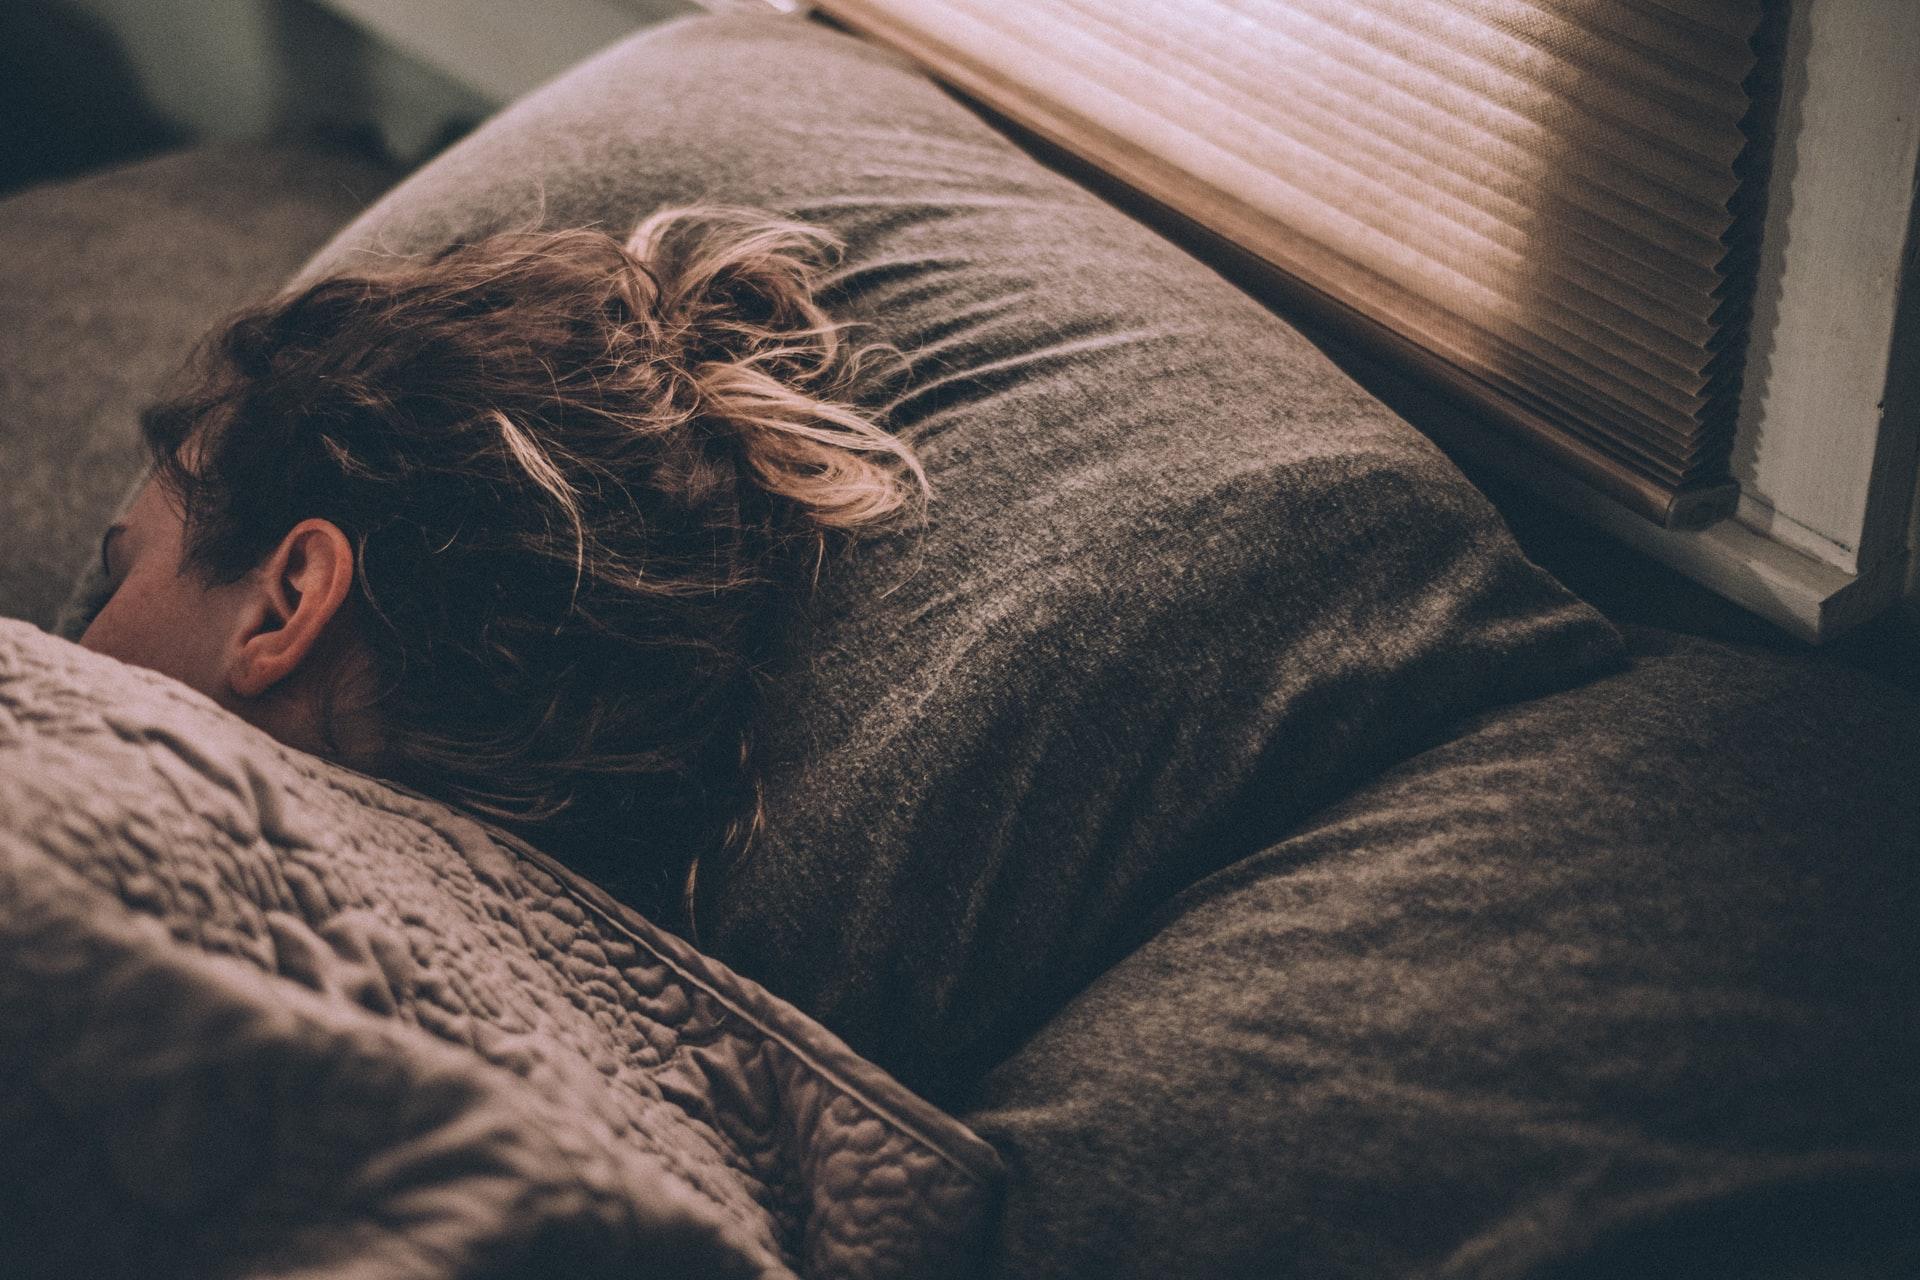 オーダーメイド枕について